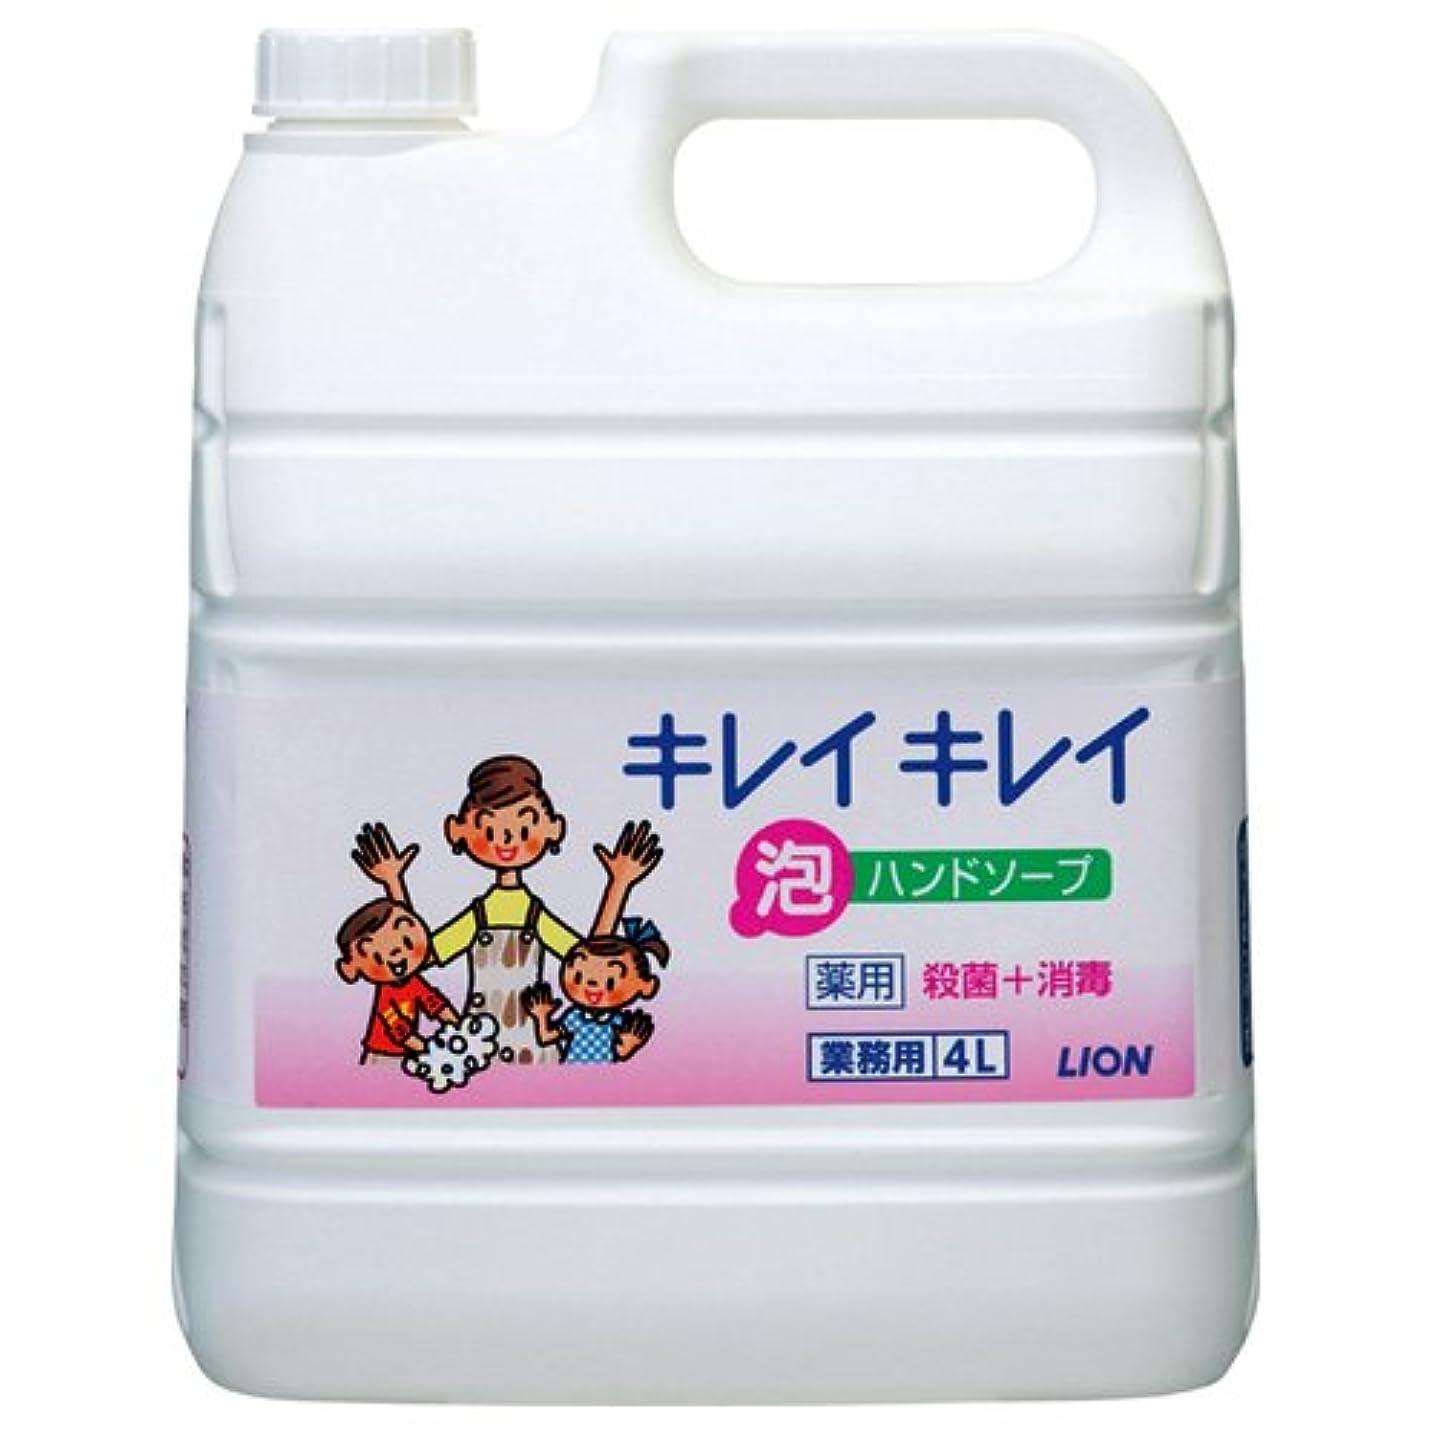 リッチ最終チャールズキージング[ライオン 1675096] キレイキレイ 薬用泡ハンドソープ 業務用 4L